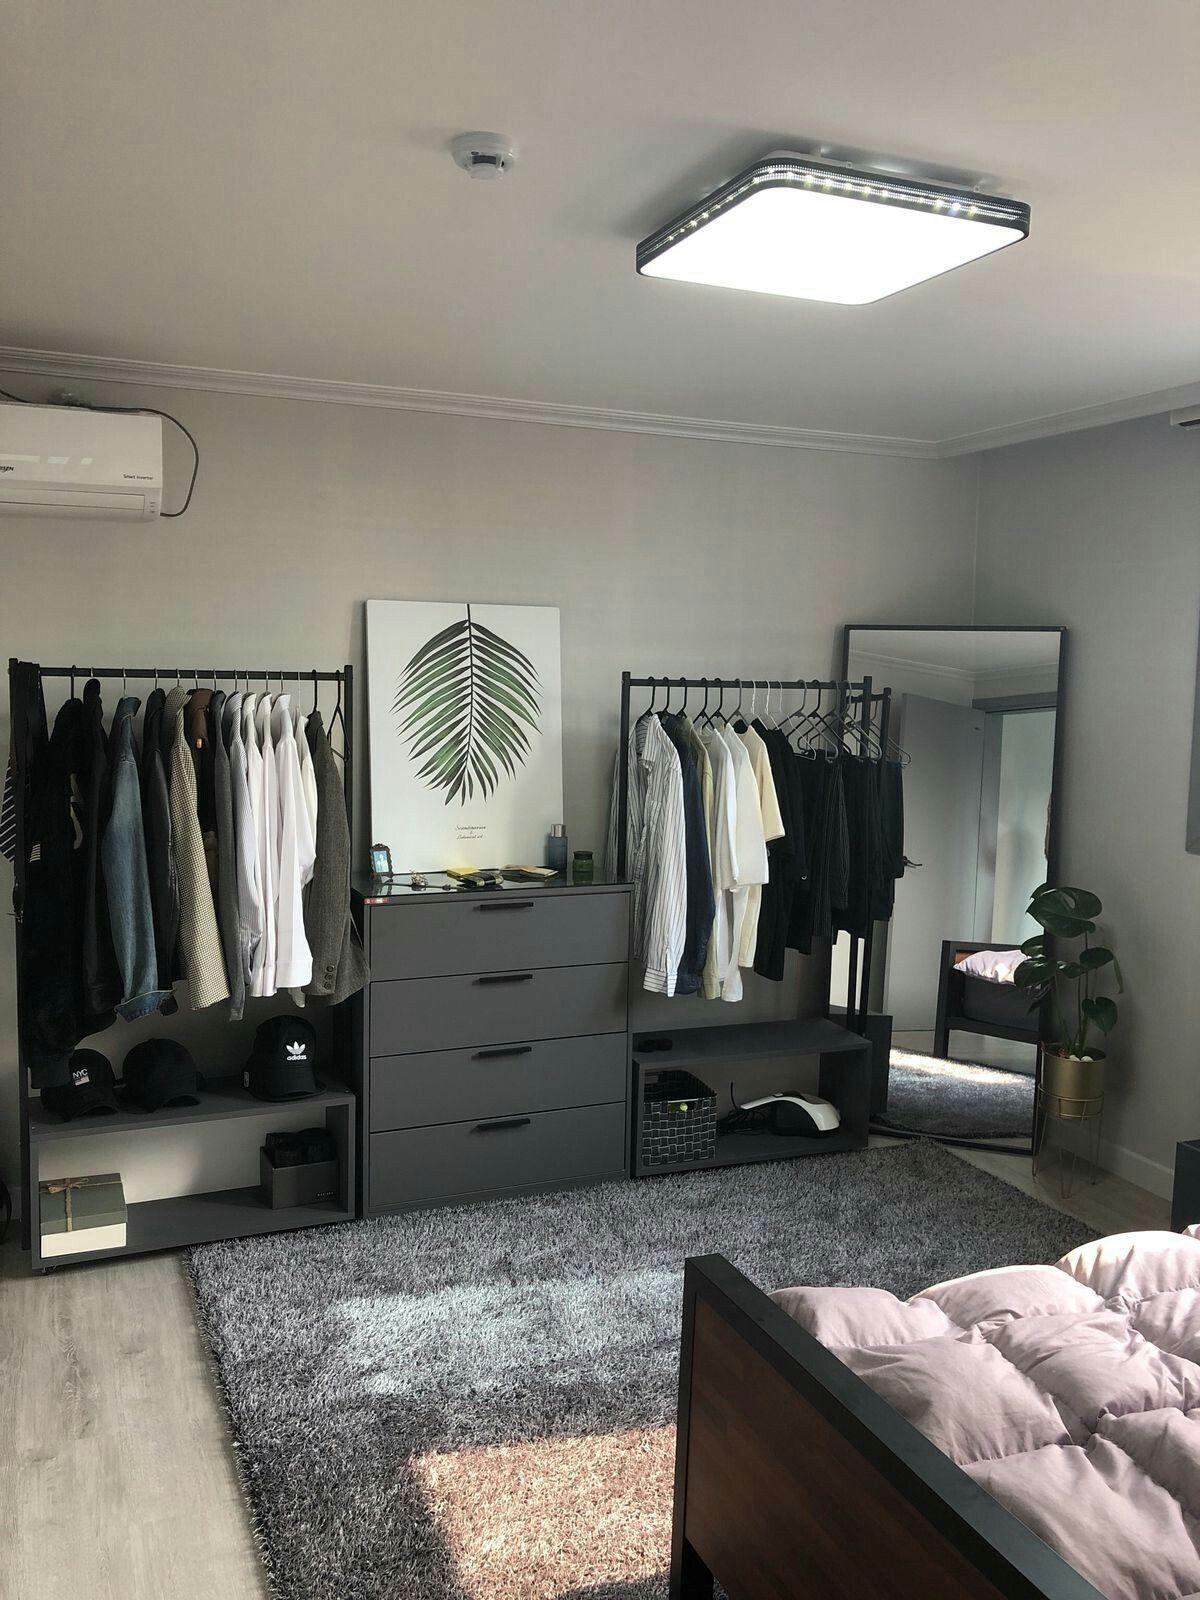 Pinterest Perksofhaili Mens Bedroom Decor Luxury Bedroom Decor Luxurious Bedrooms